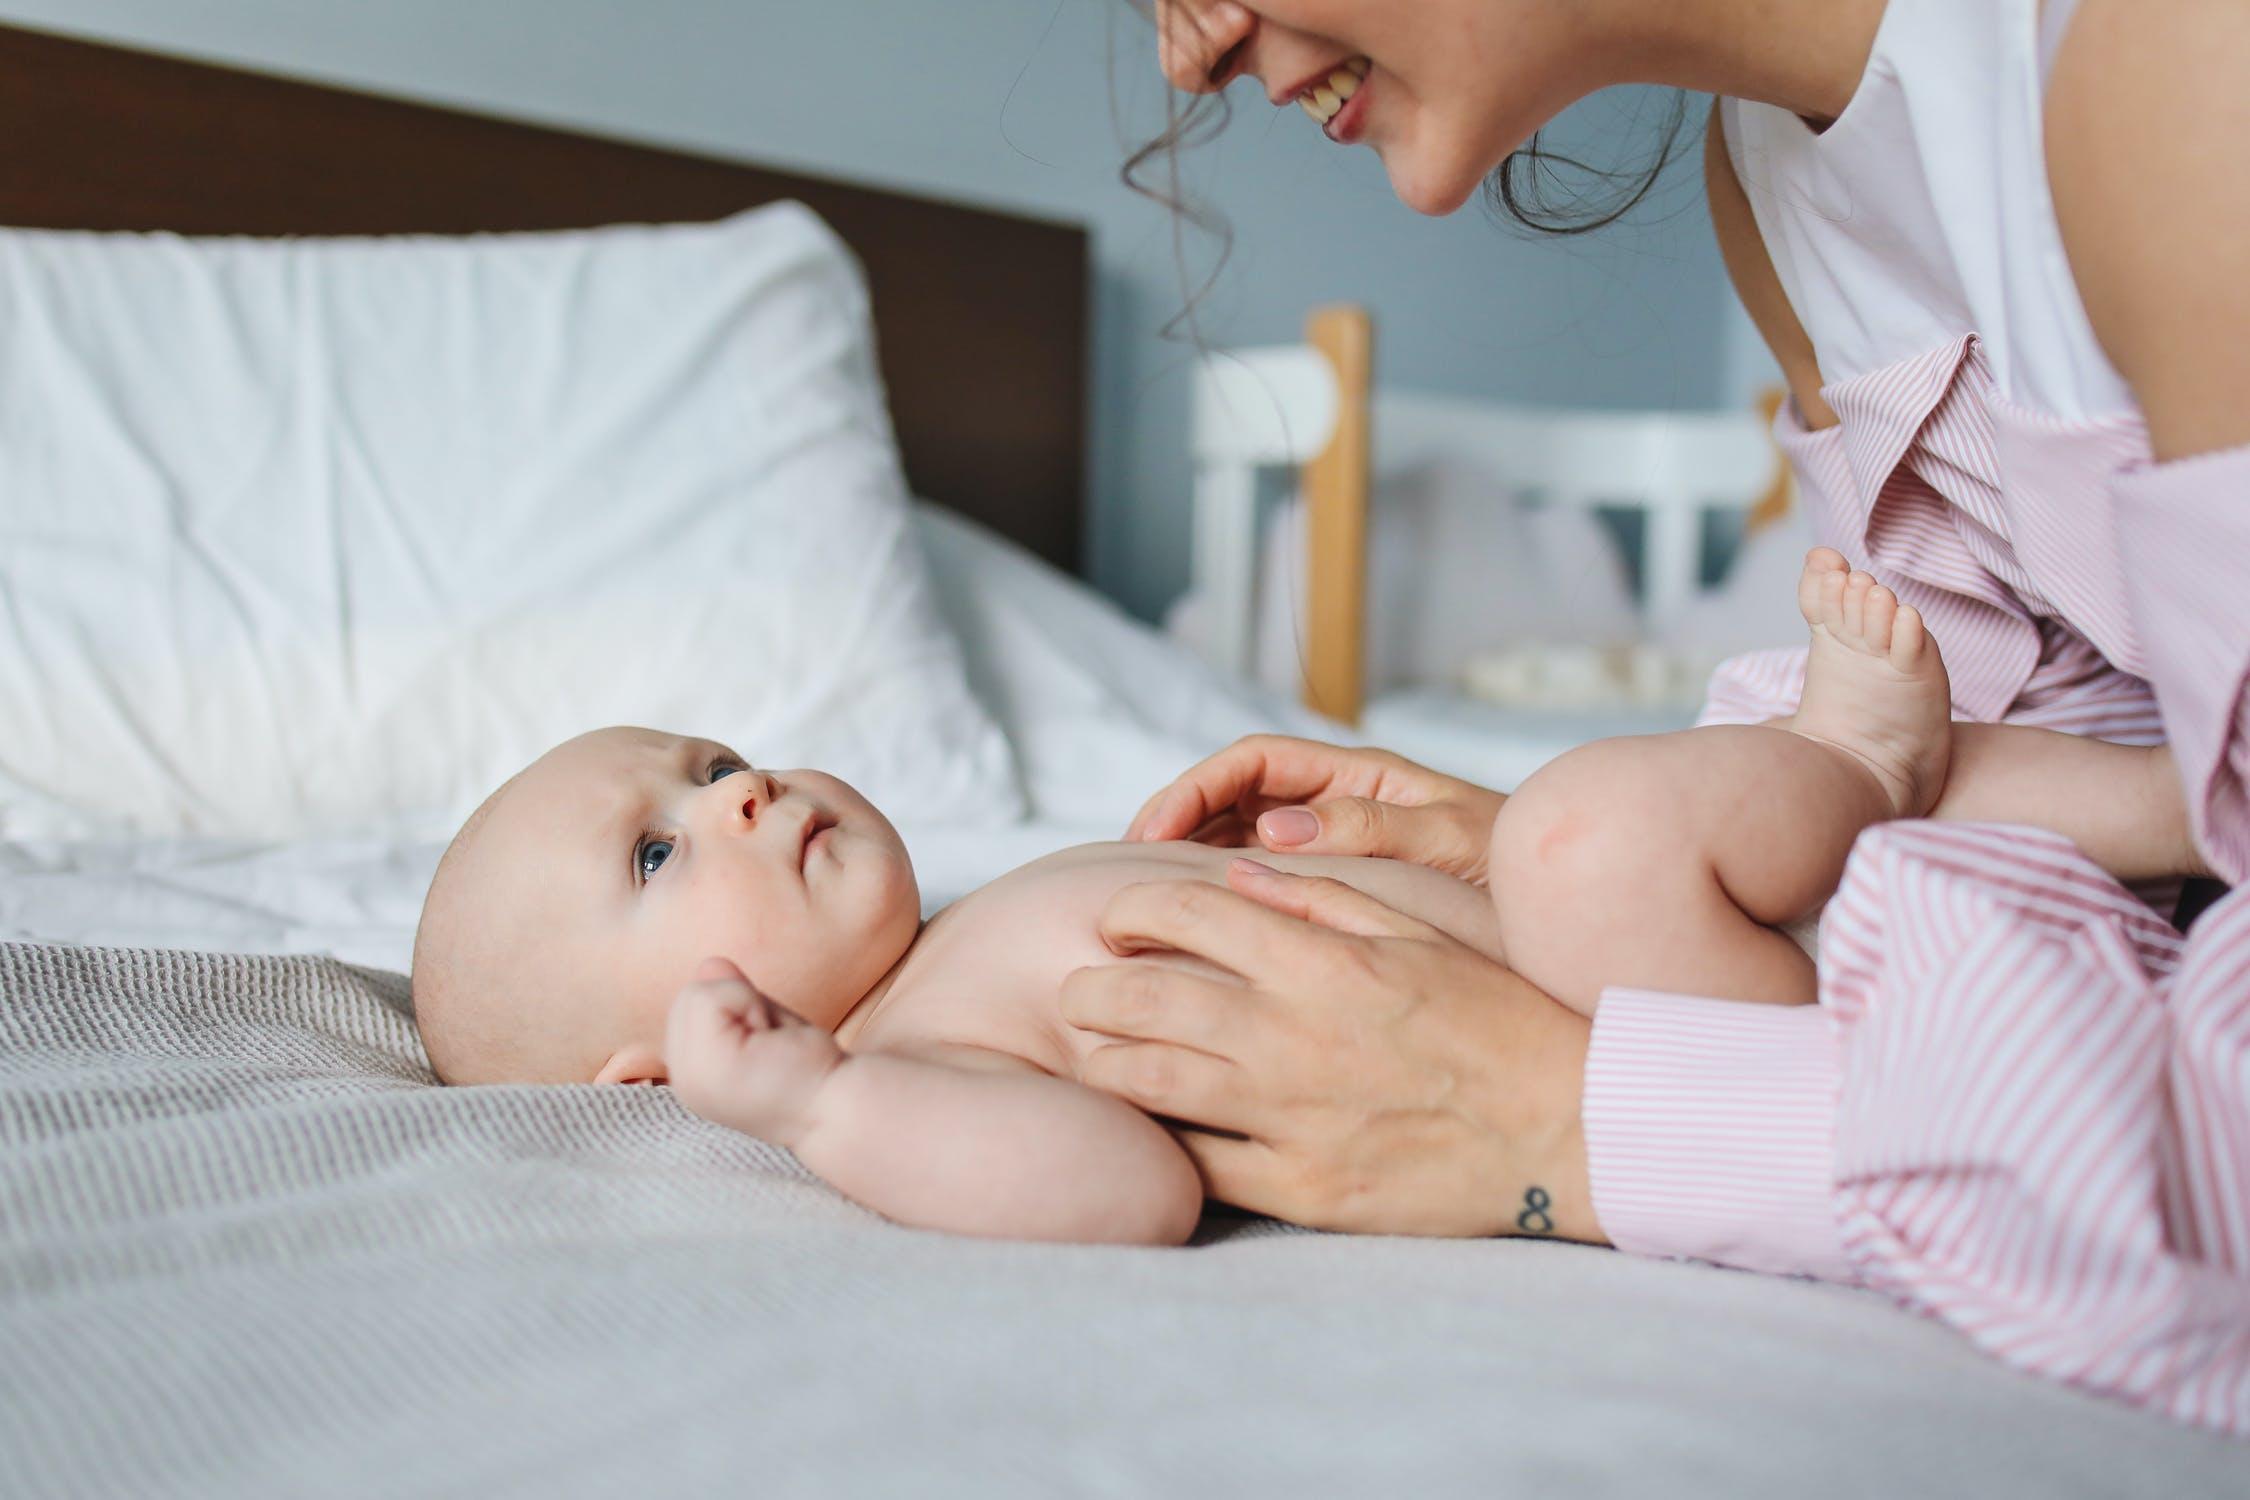 育婴师这个行业怎么样?有发展前景吗?